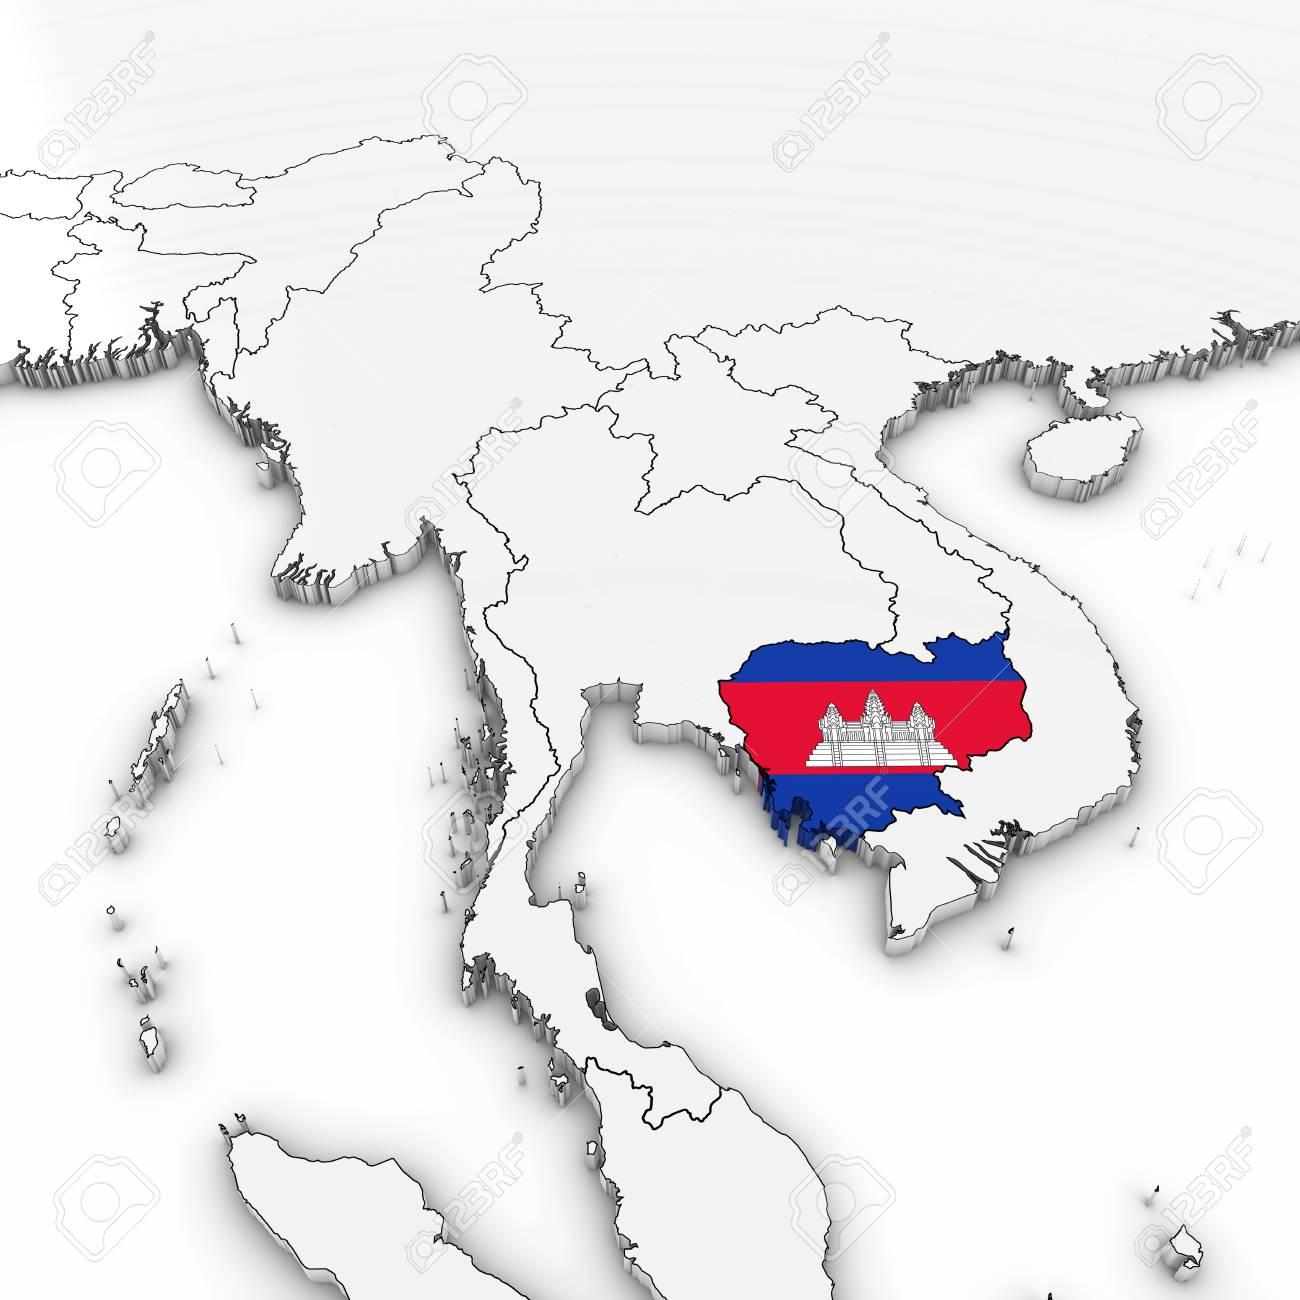 3d Karte Von Kambodscha Mit Kambodschanischen Flagge Auf Weissem